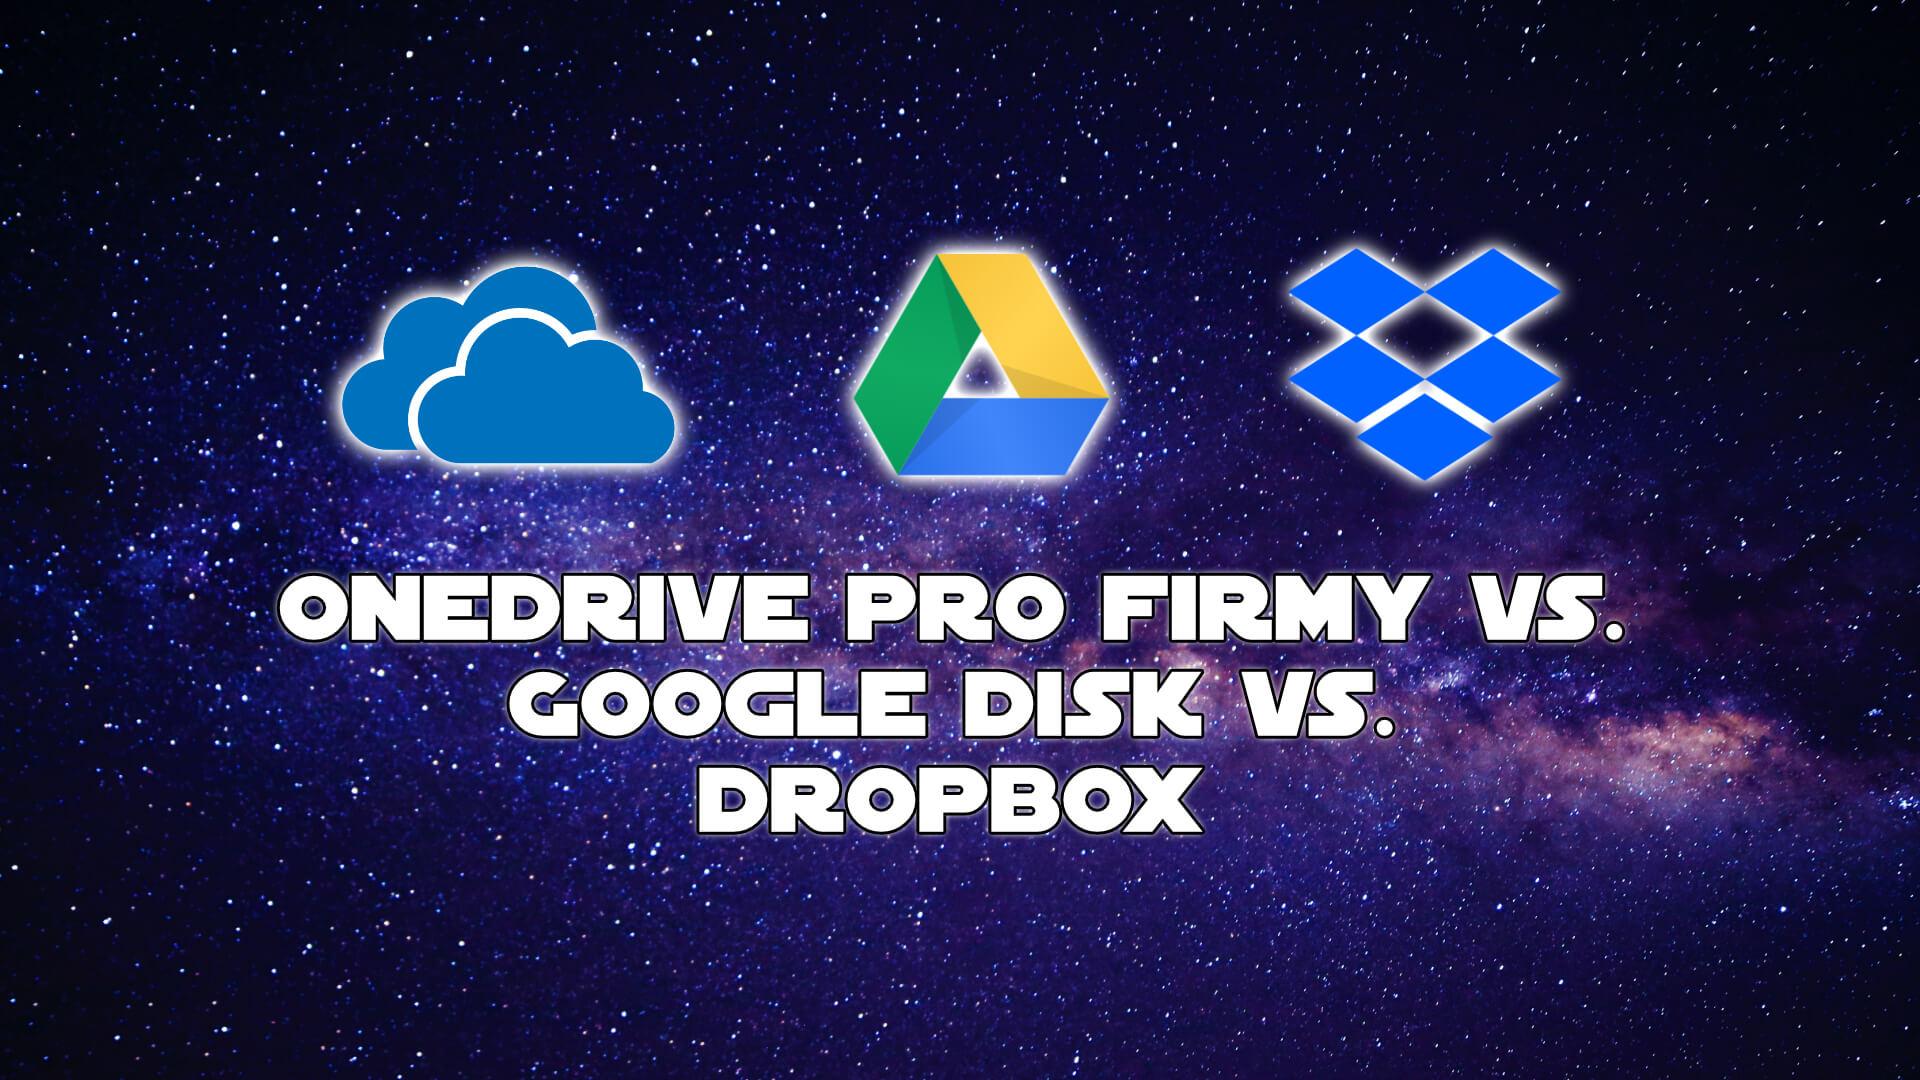 Google drive vs. OneDrive vs. Dropbox